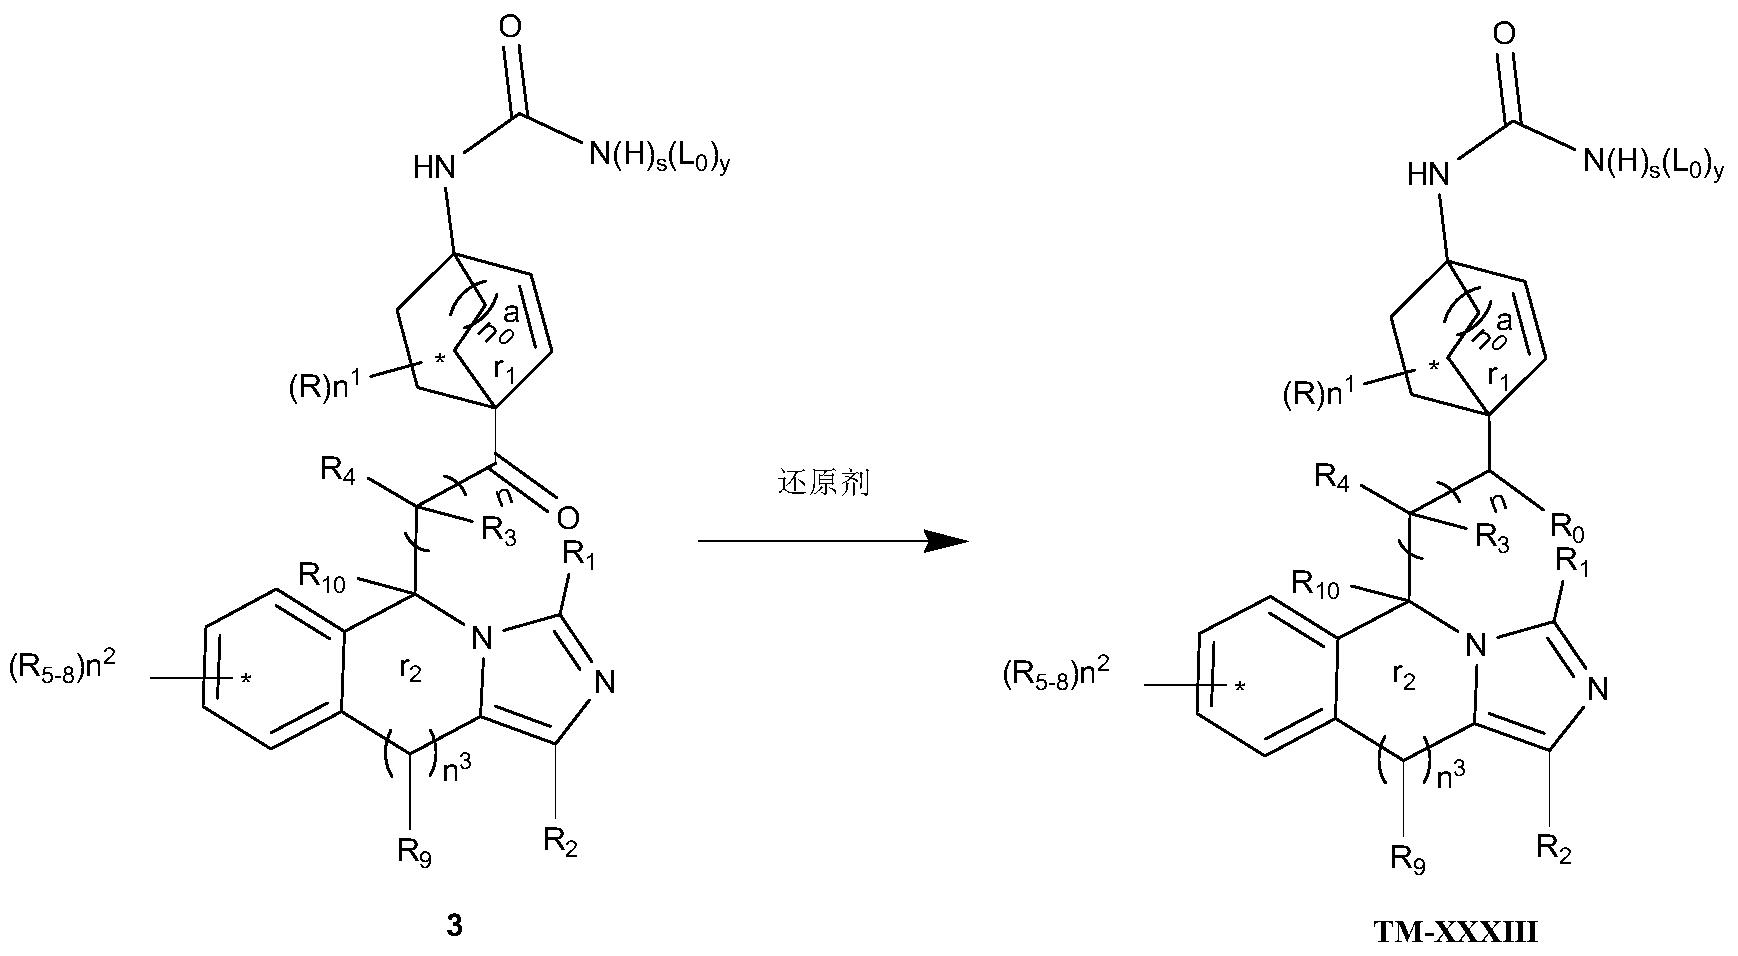 Figure PCTCN2017084604-appb-000072